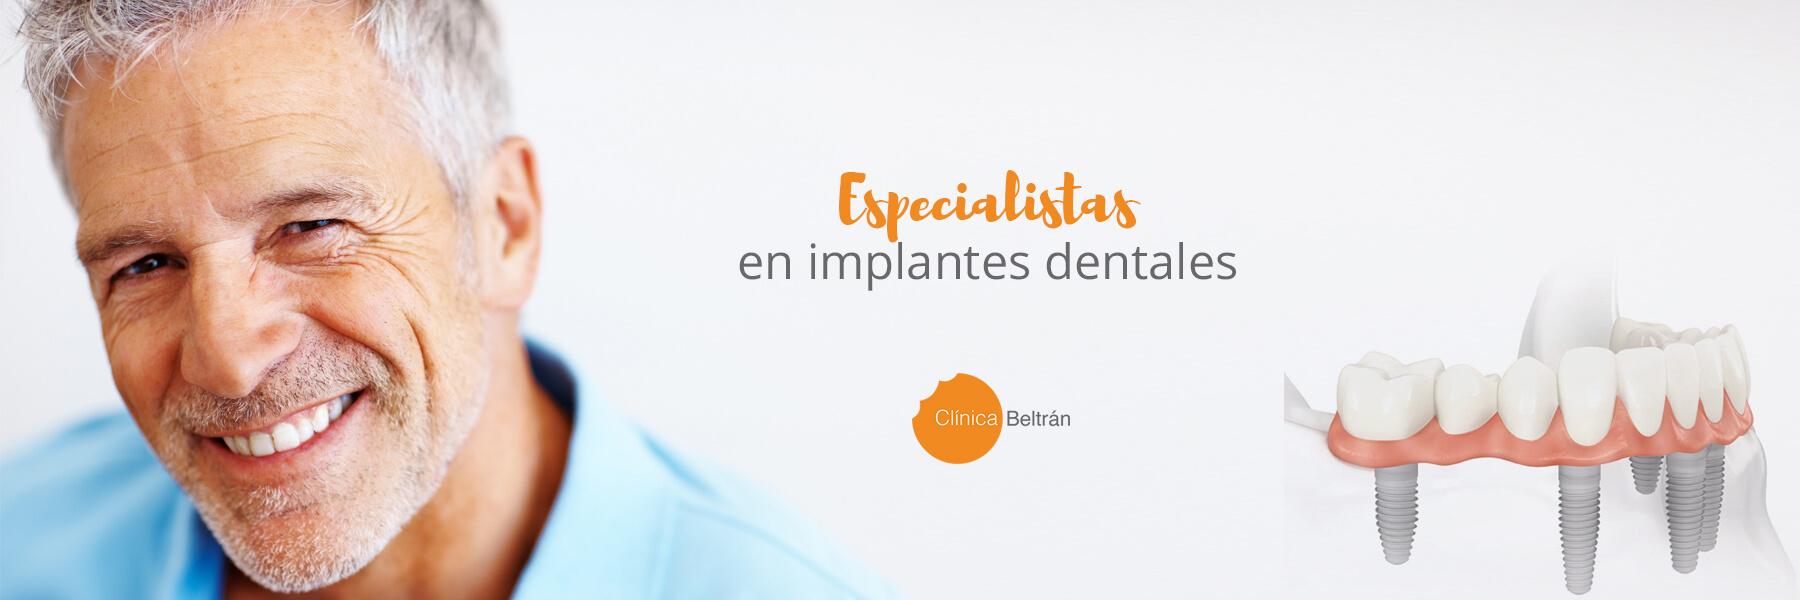 especialistas en implantes dentales